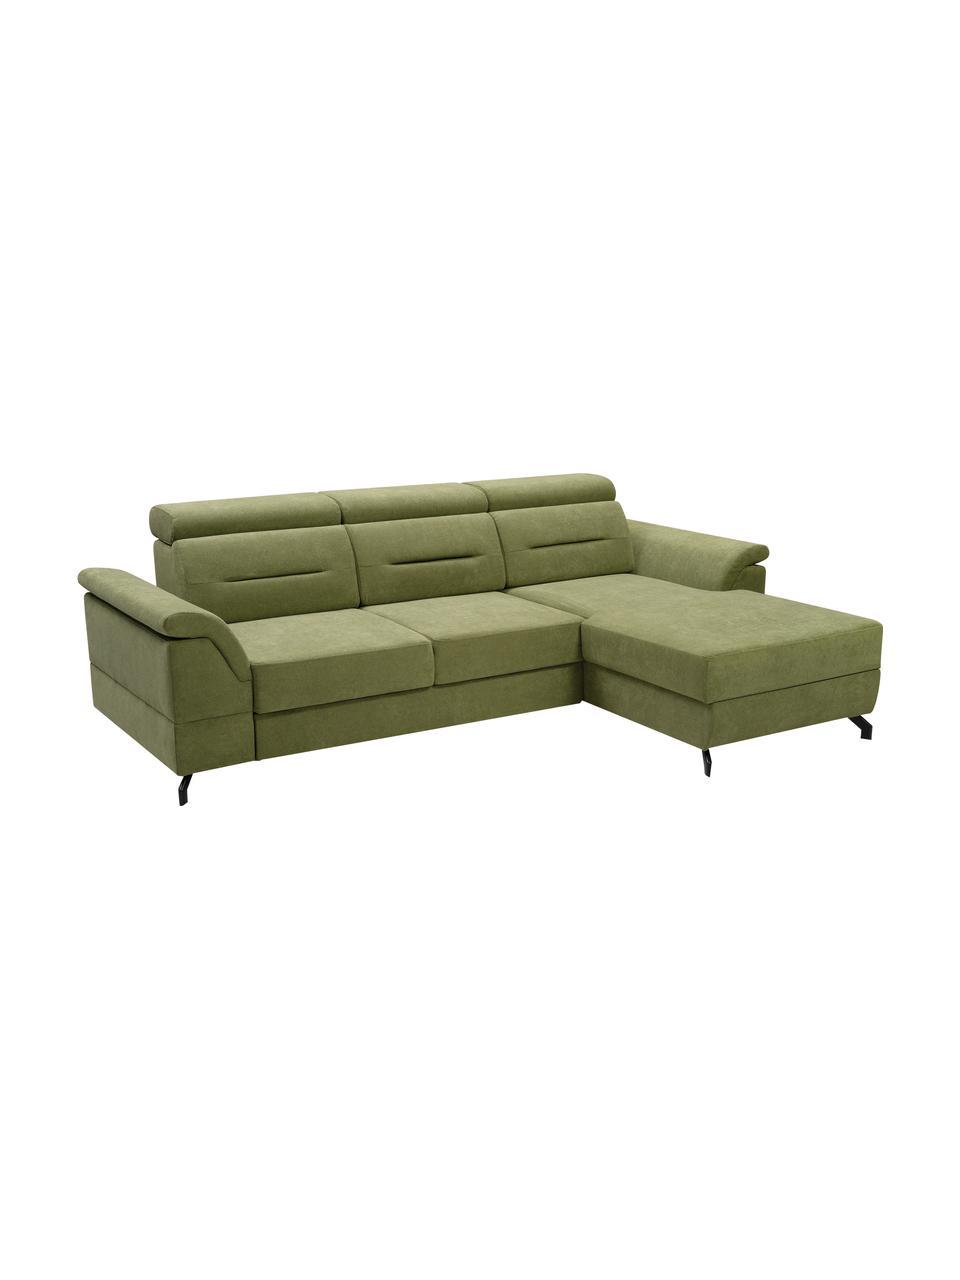 Sofa narożna z funkcją spania i schowkiem Missouri (4-osobowa), Tapicerka: 100% poliester, Zielony, S 259 x G 164 cm